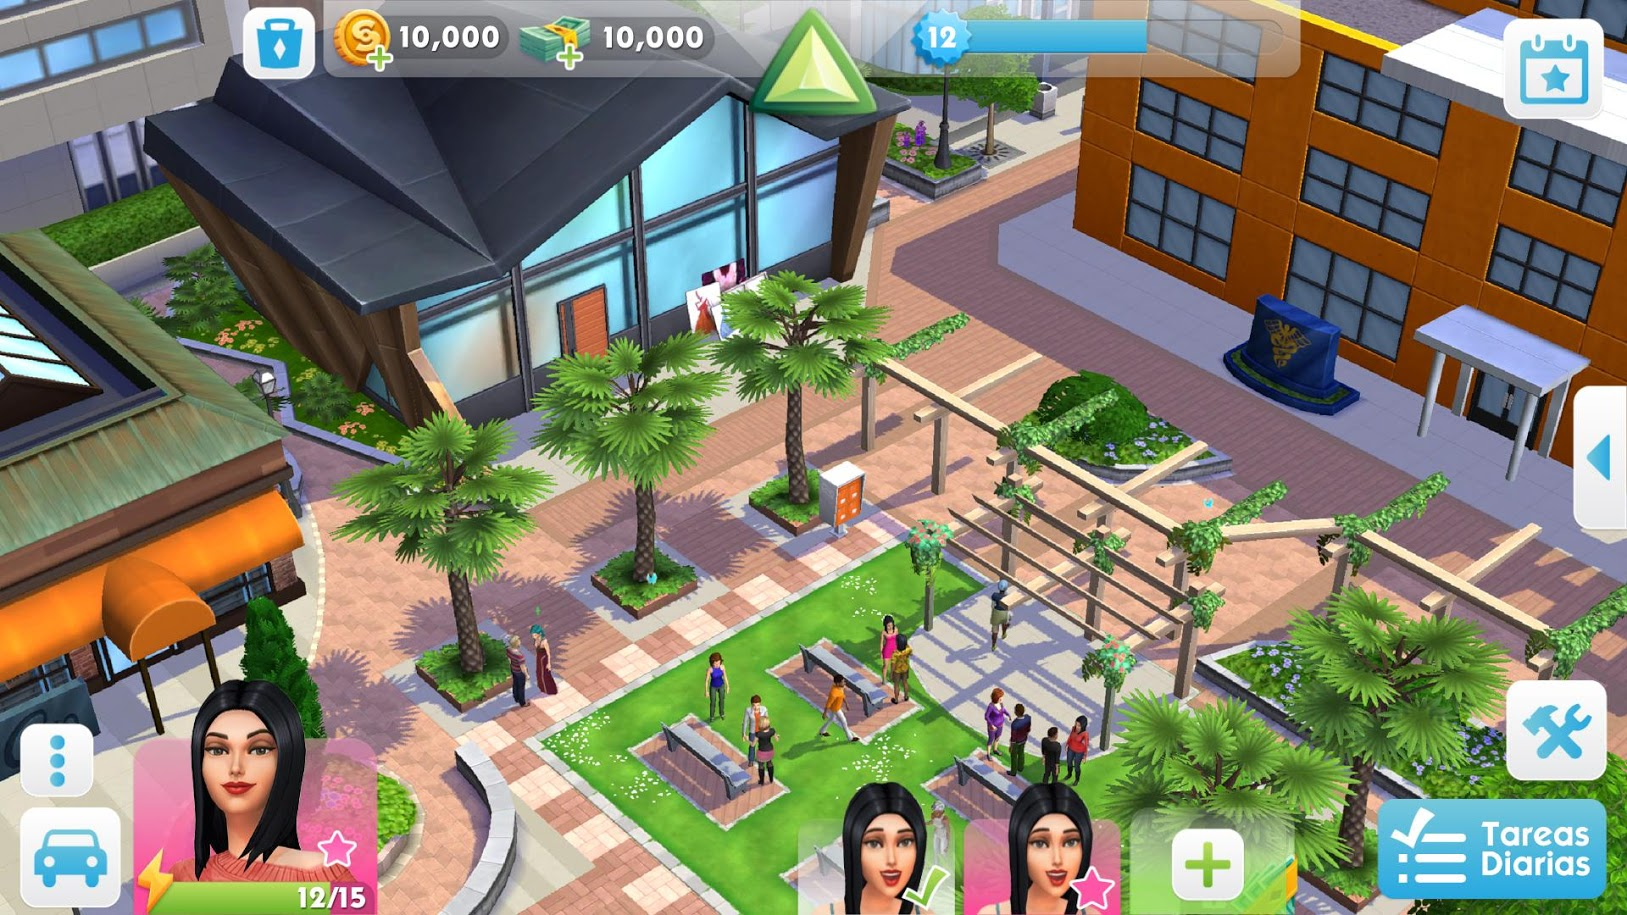 Descargar los sims gratis para m viles y tablets android e iphone - Sims 2 downloads mobel ...